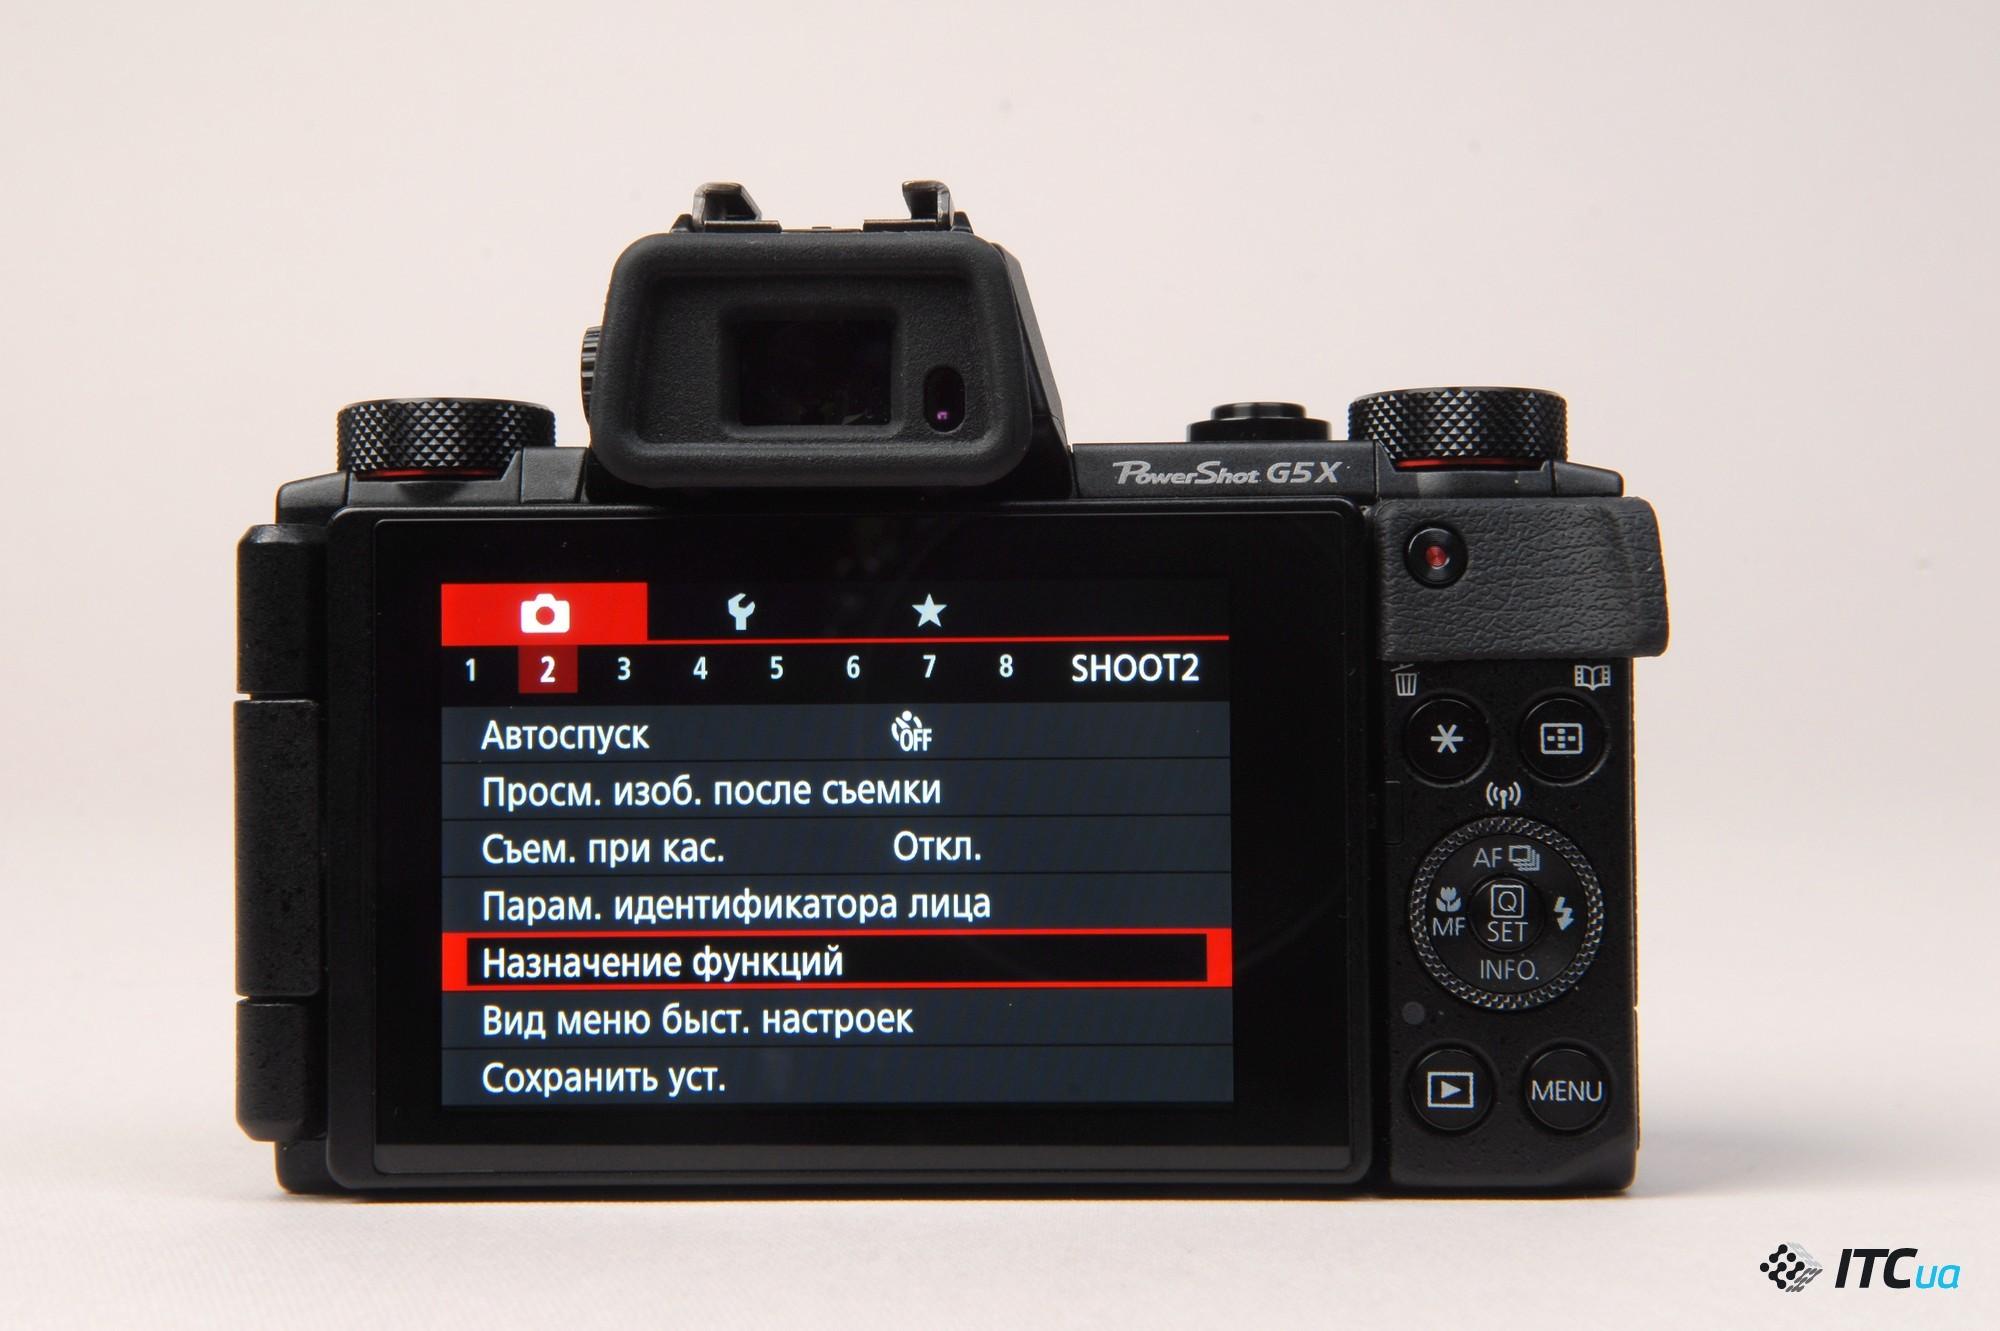 вашего как называется автоспуск для фотоаппарата впечатлительный